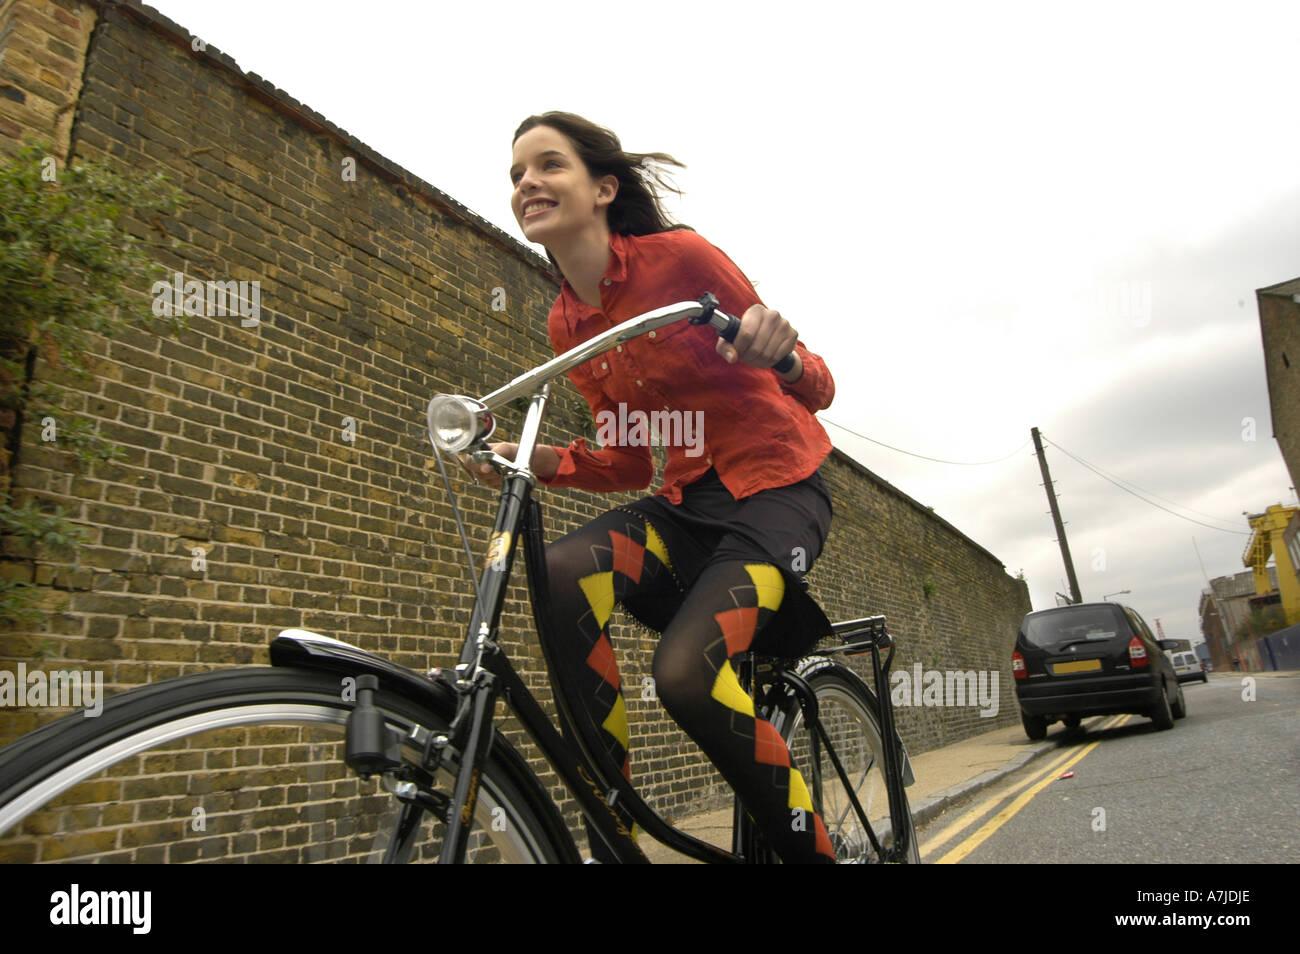 Ein Mädchen auf einem alten Modell Zyklus auf einer Straße mit einer Ziegelwand neben und ein Auto im Hintergrund zu beschleunigen. Stockbild